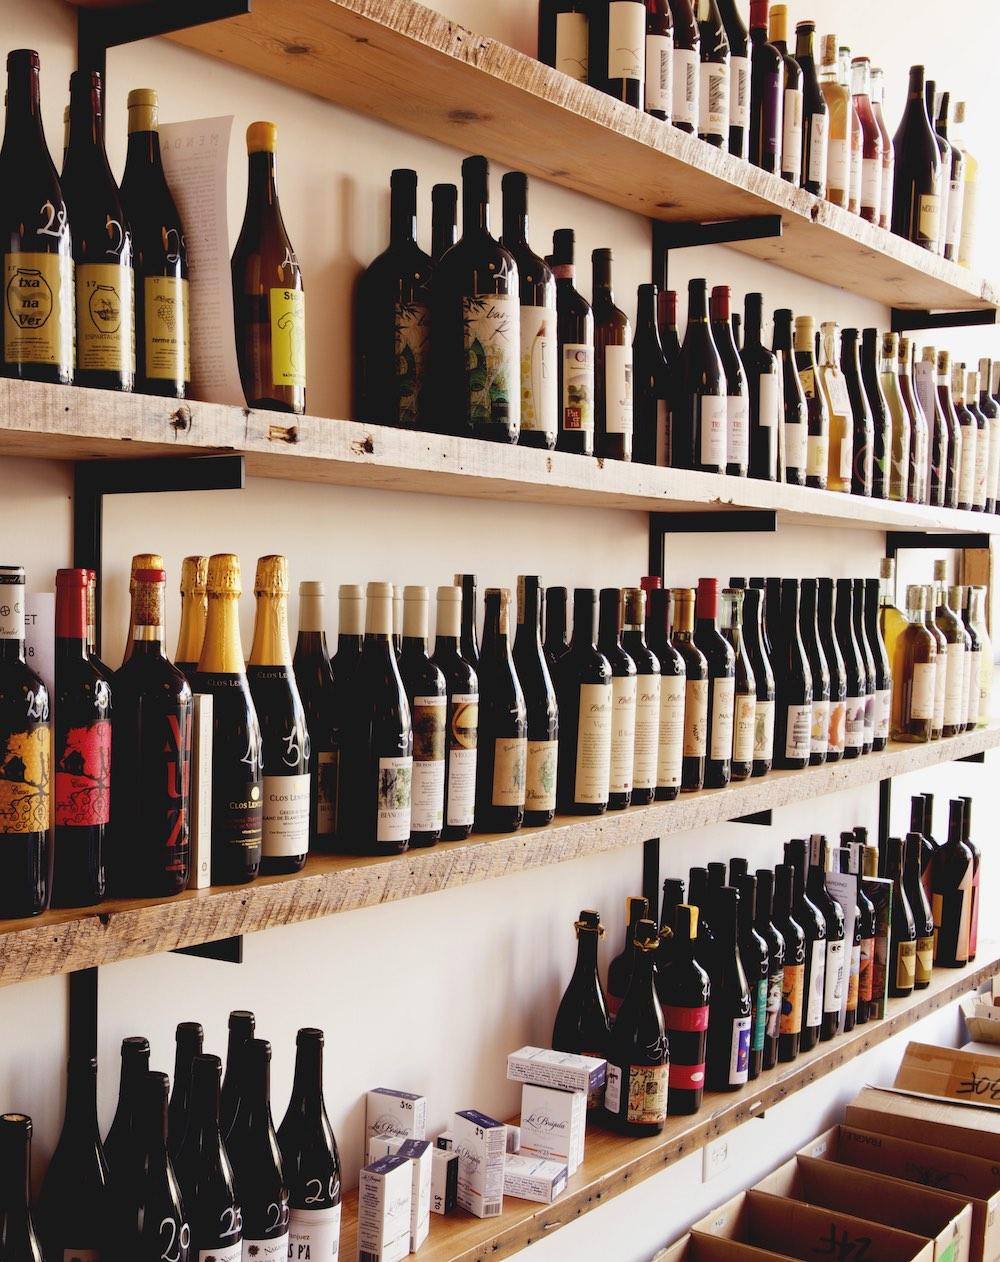 Diversey Wine